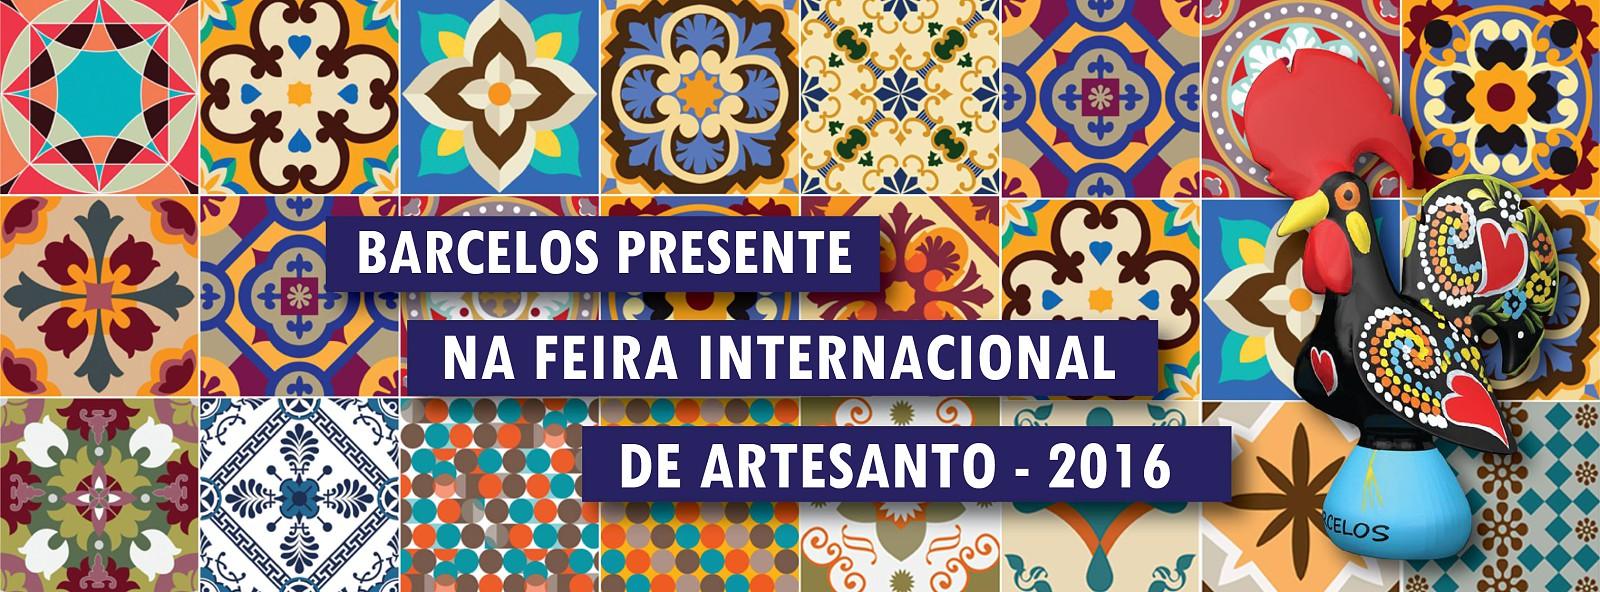 BarcelosPresenteFeiraArt2016.jpg